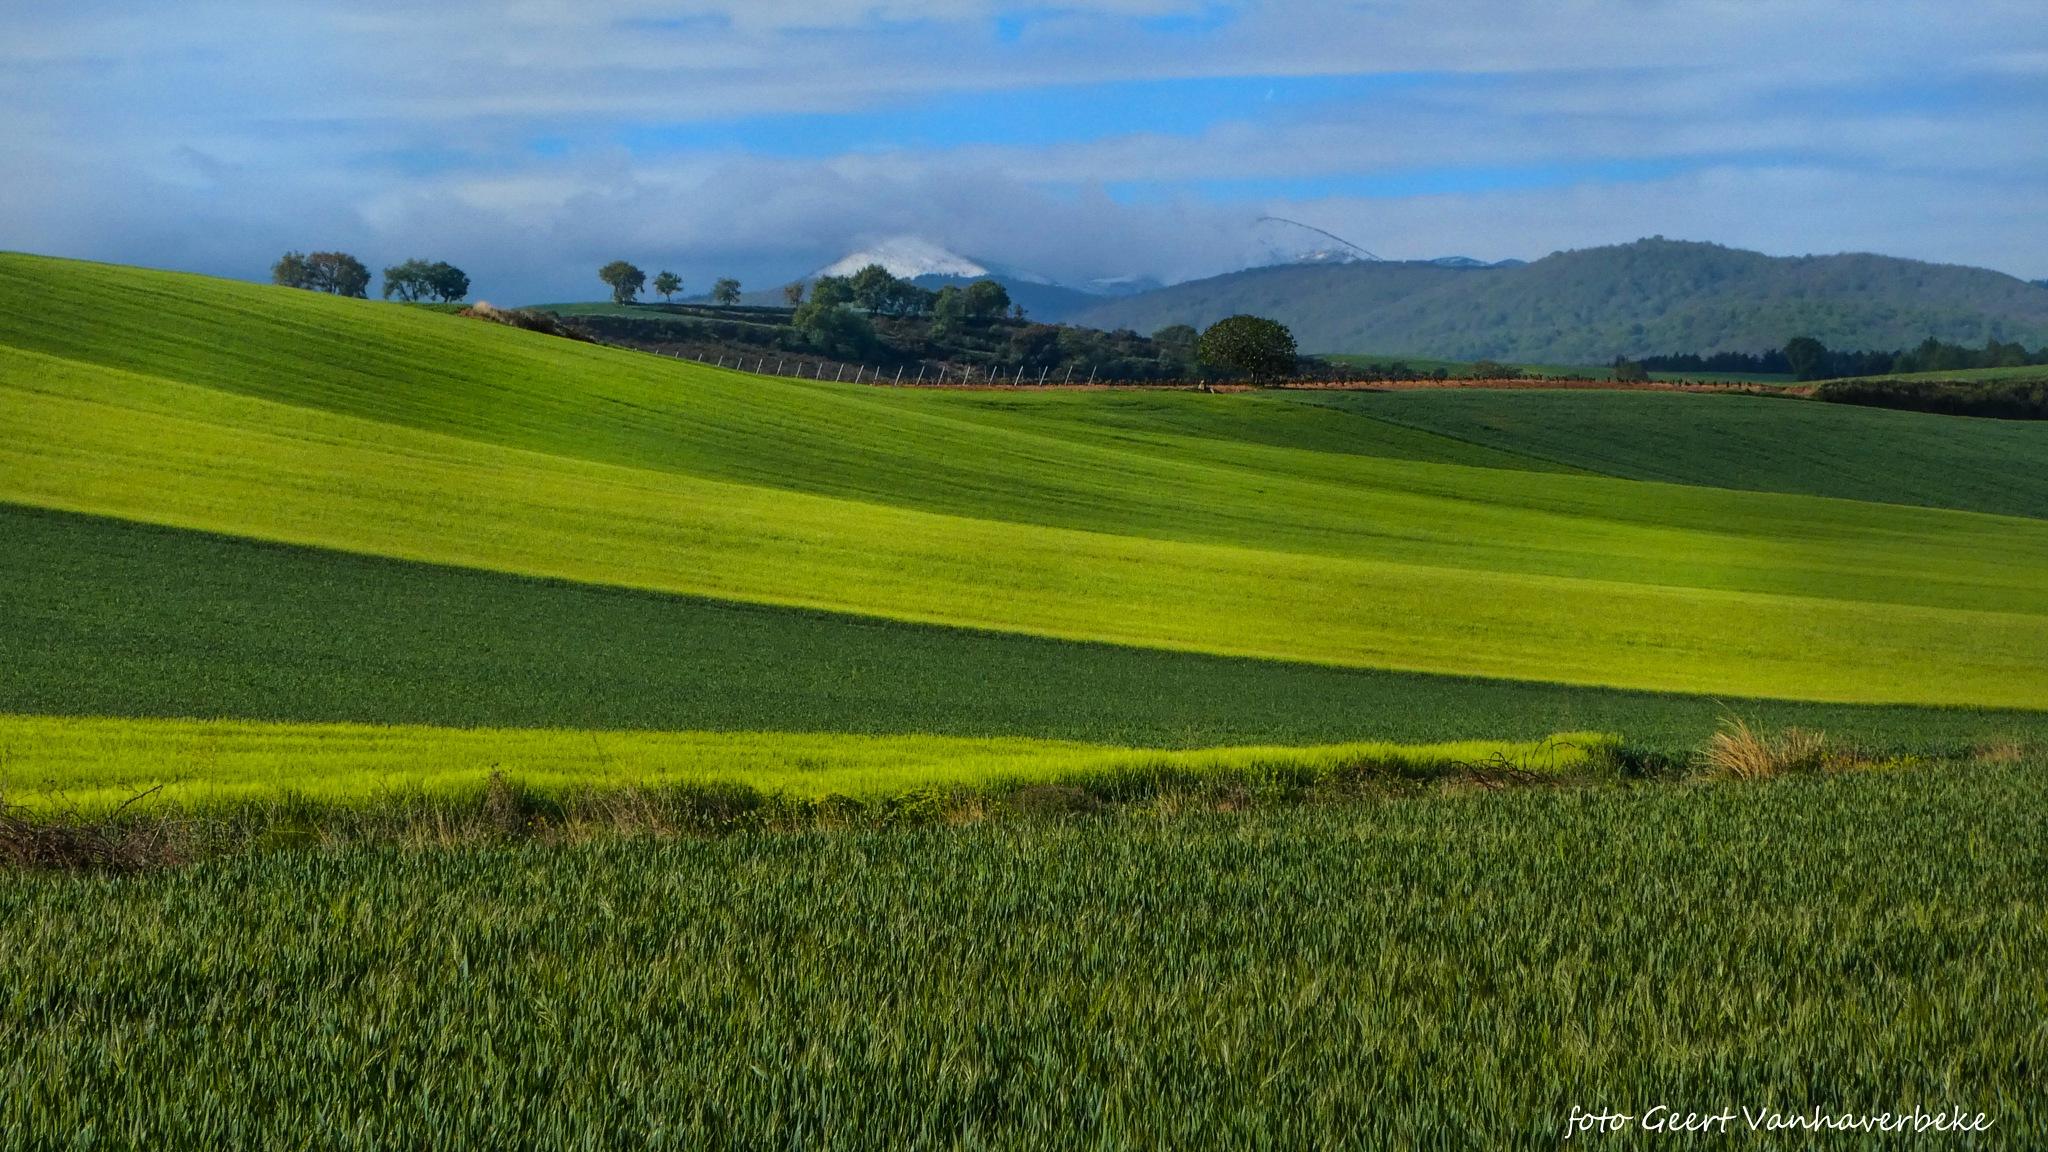 Fields on Camino Frances in April by Geert Vanhaverbeke